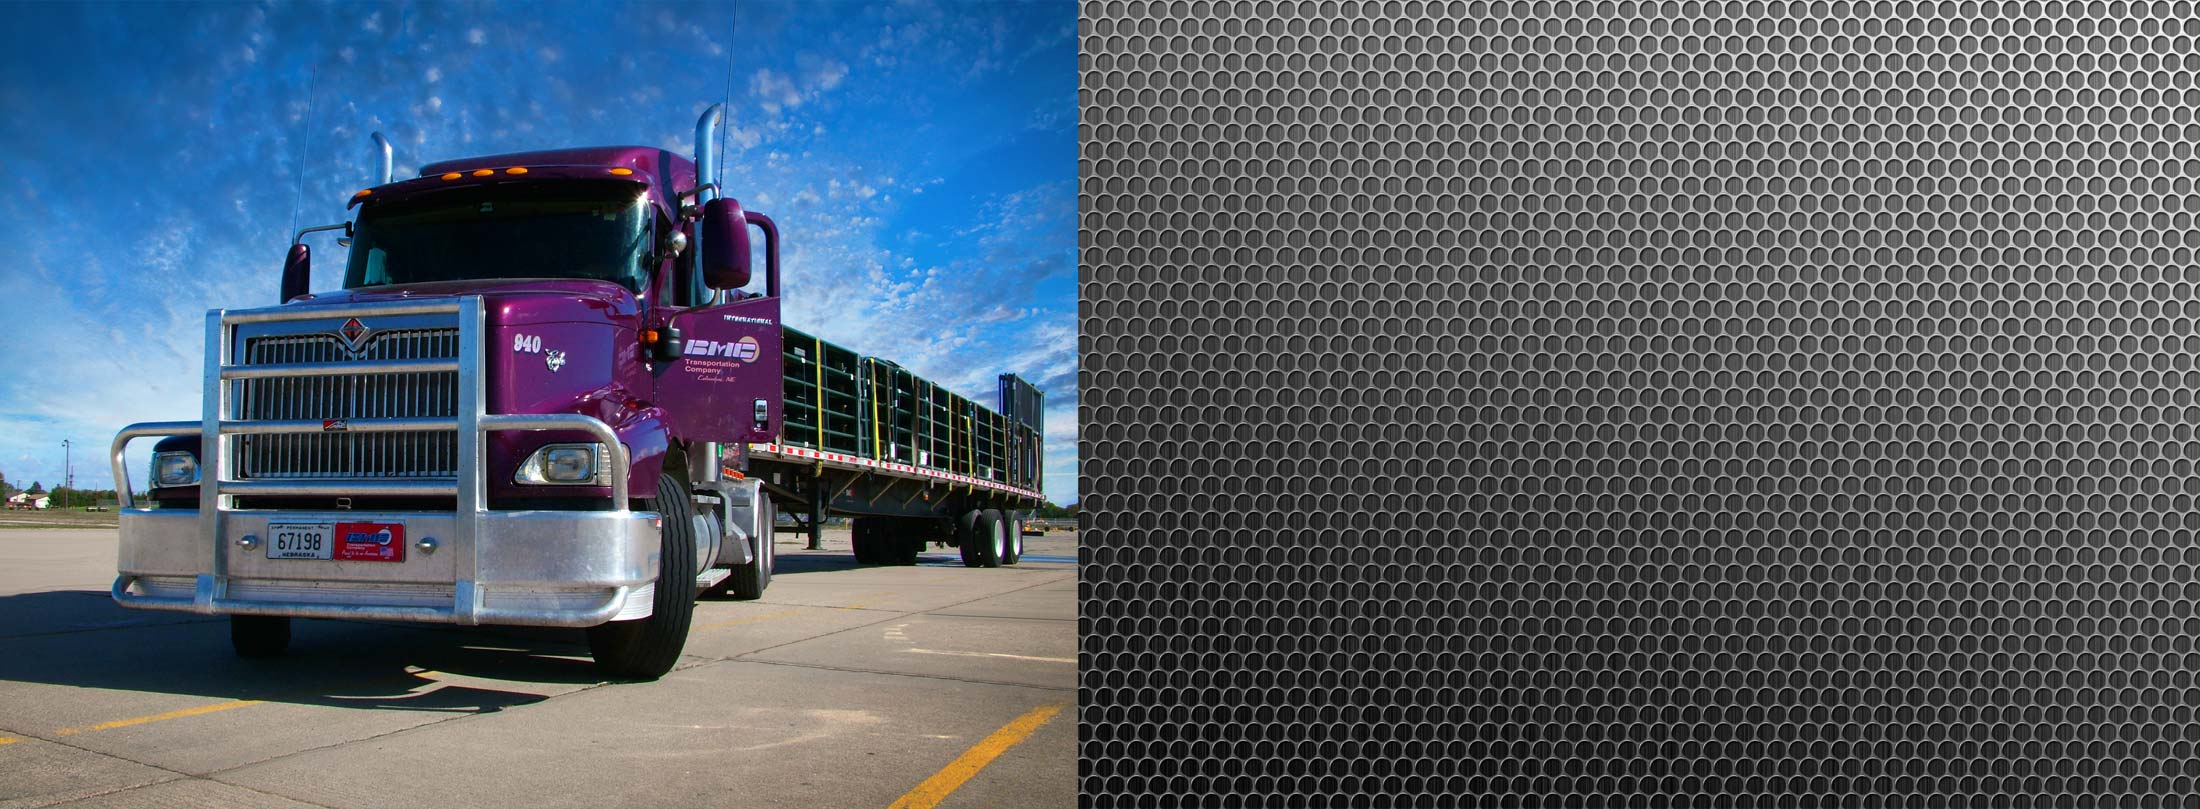 Truck3a